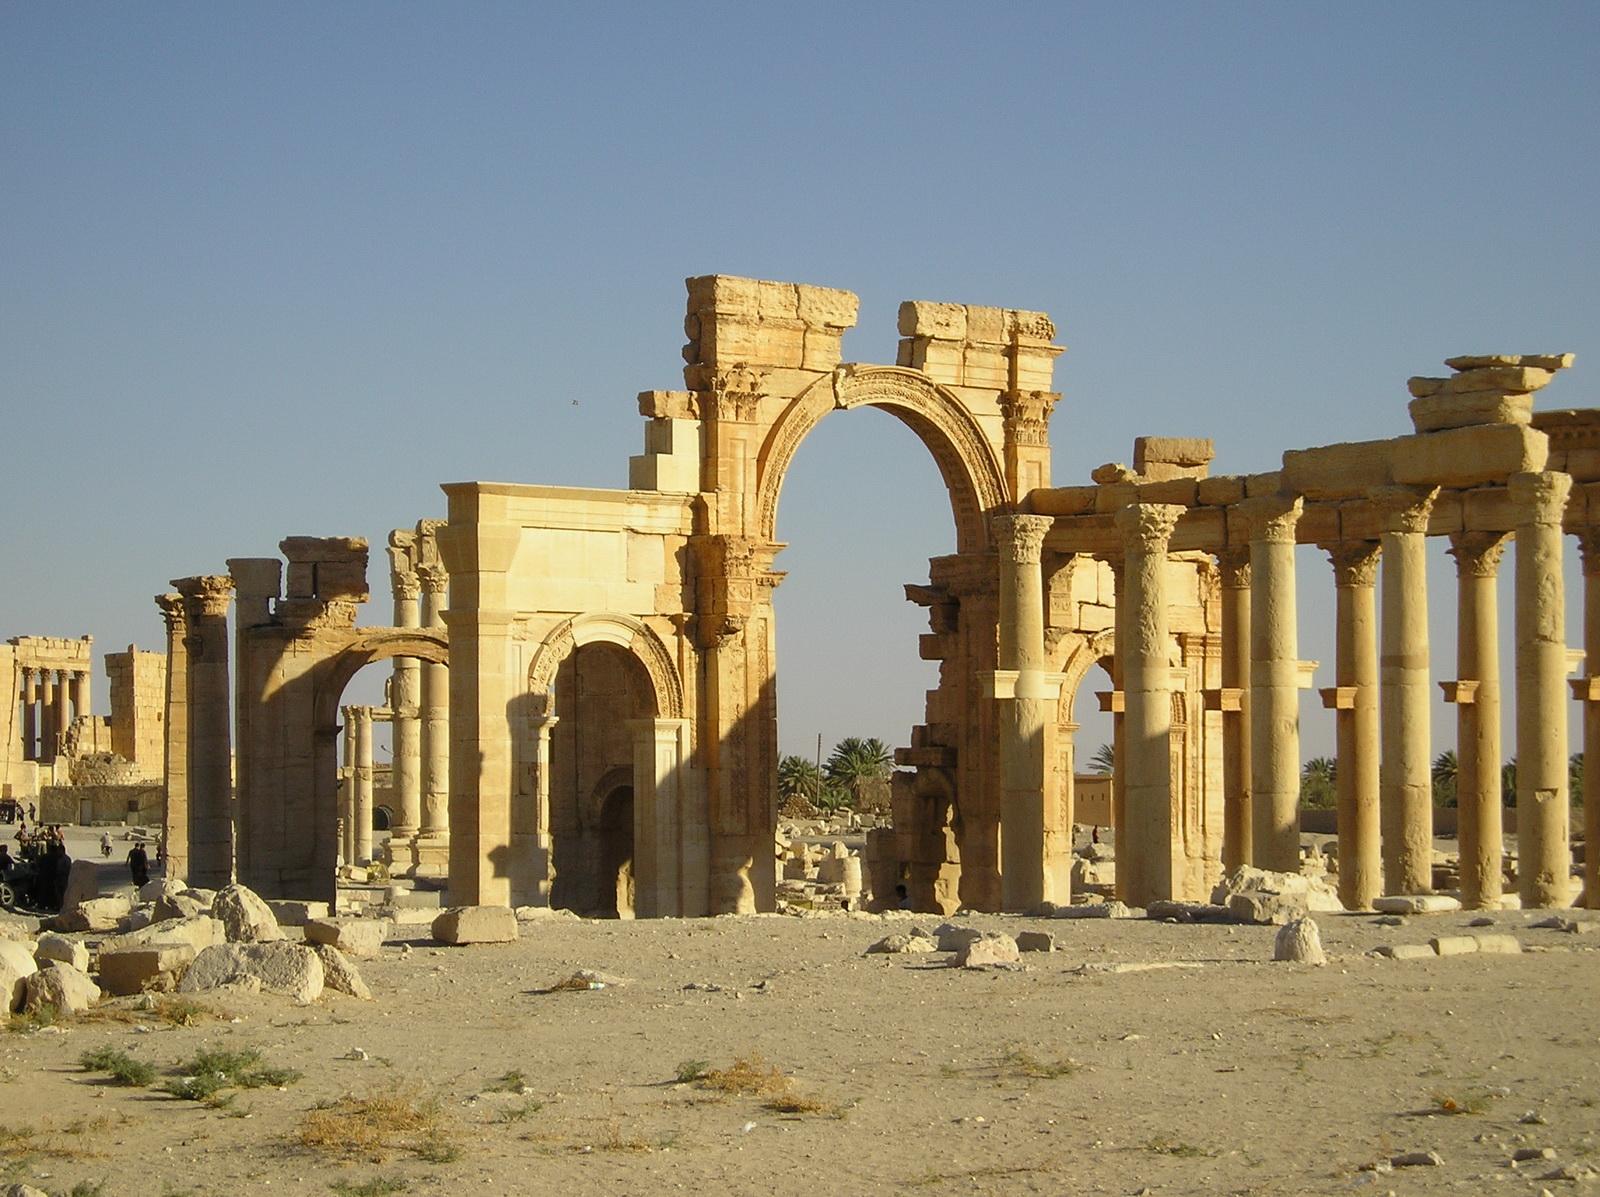 Uno scorcio del centro storico di Palmira.